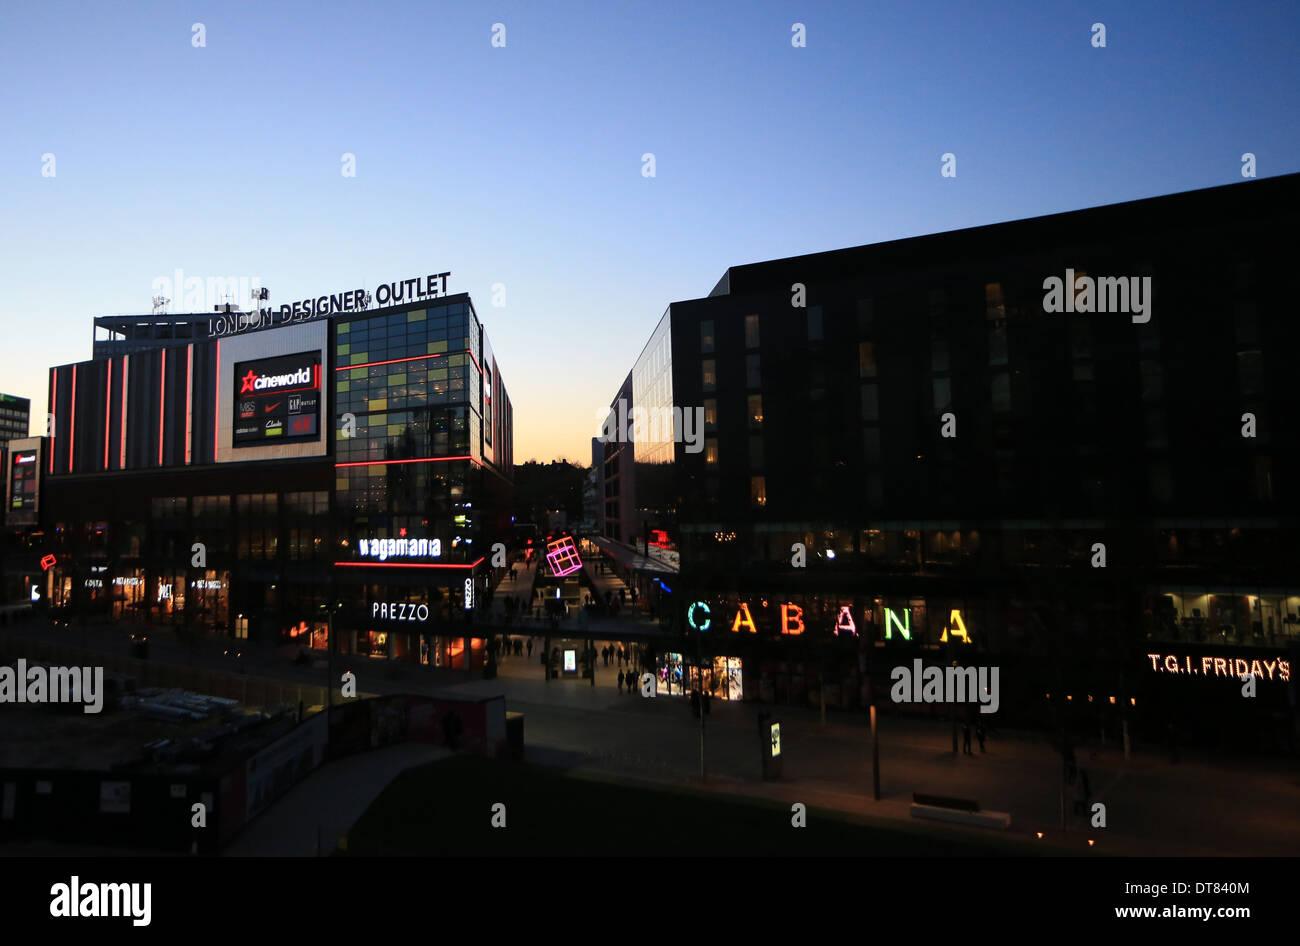 London Designer shopping outlet, Wembley Park - Stock Image